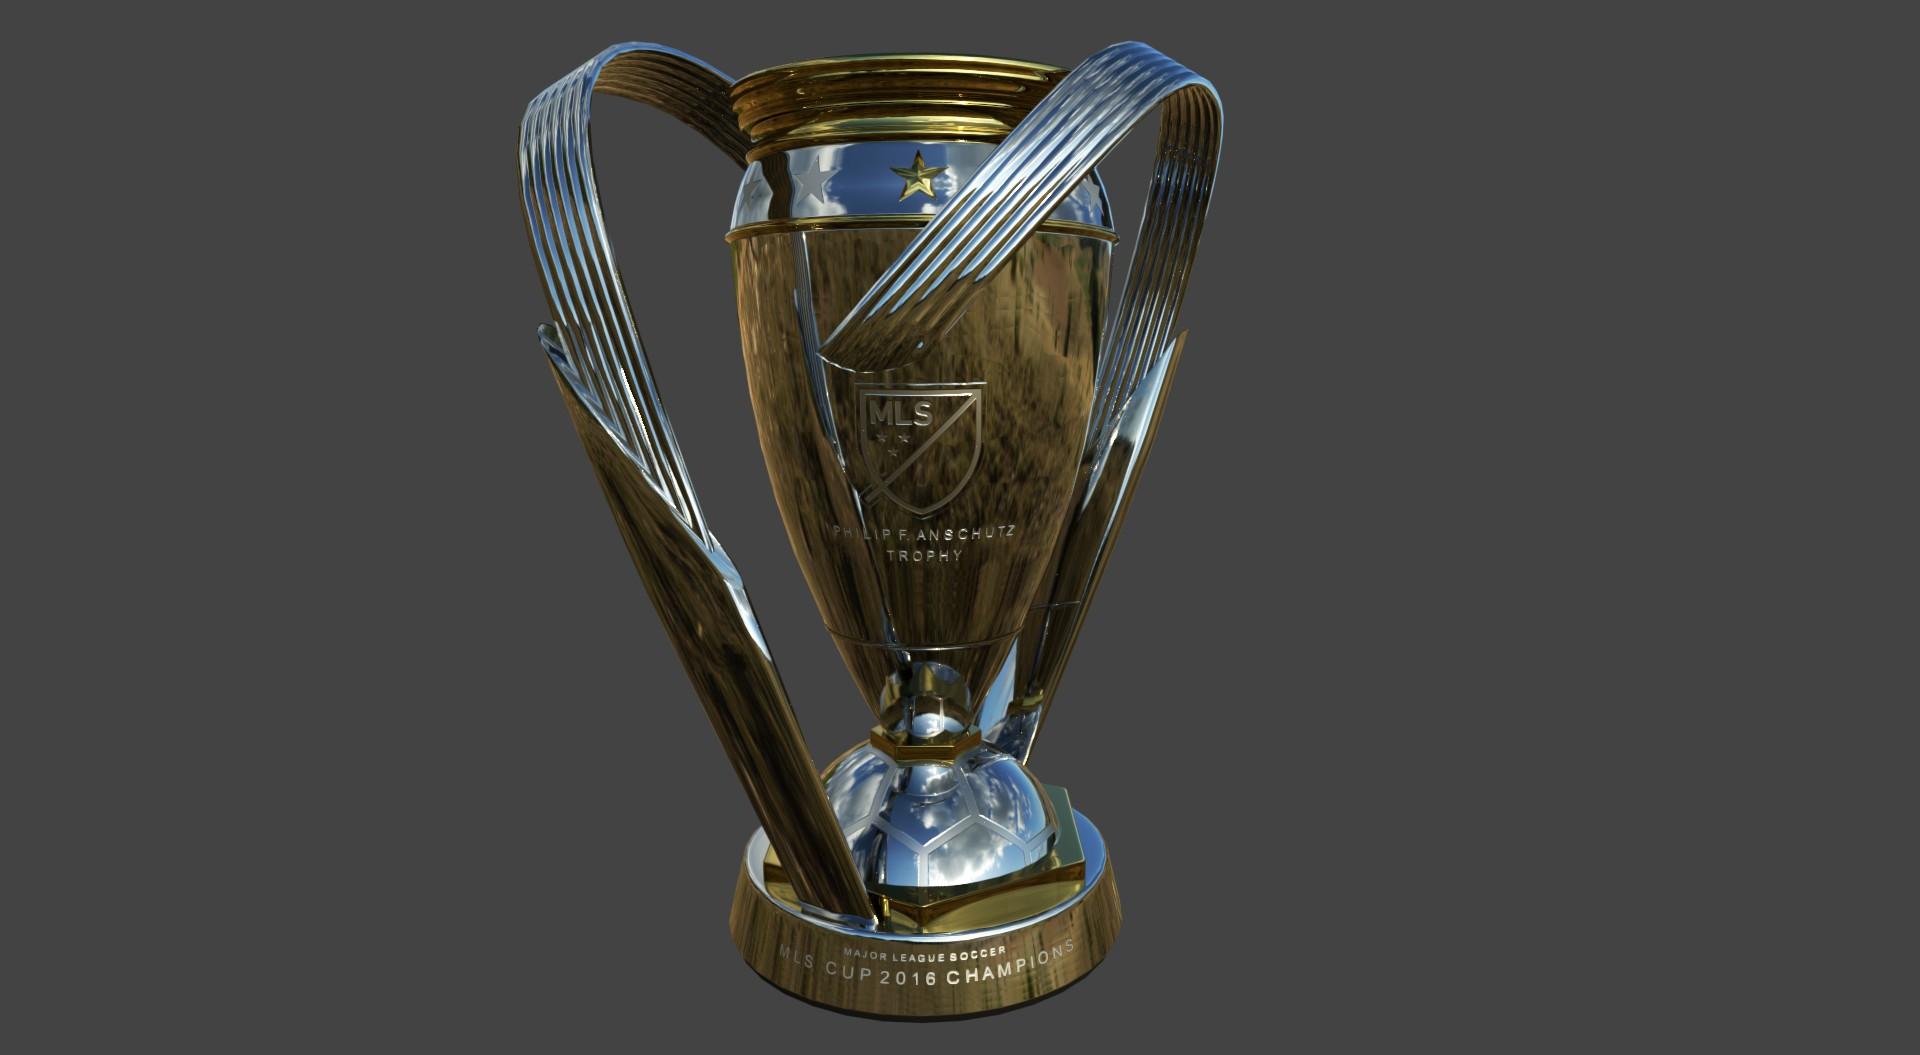 MLS_Trophy_6.jpg